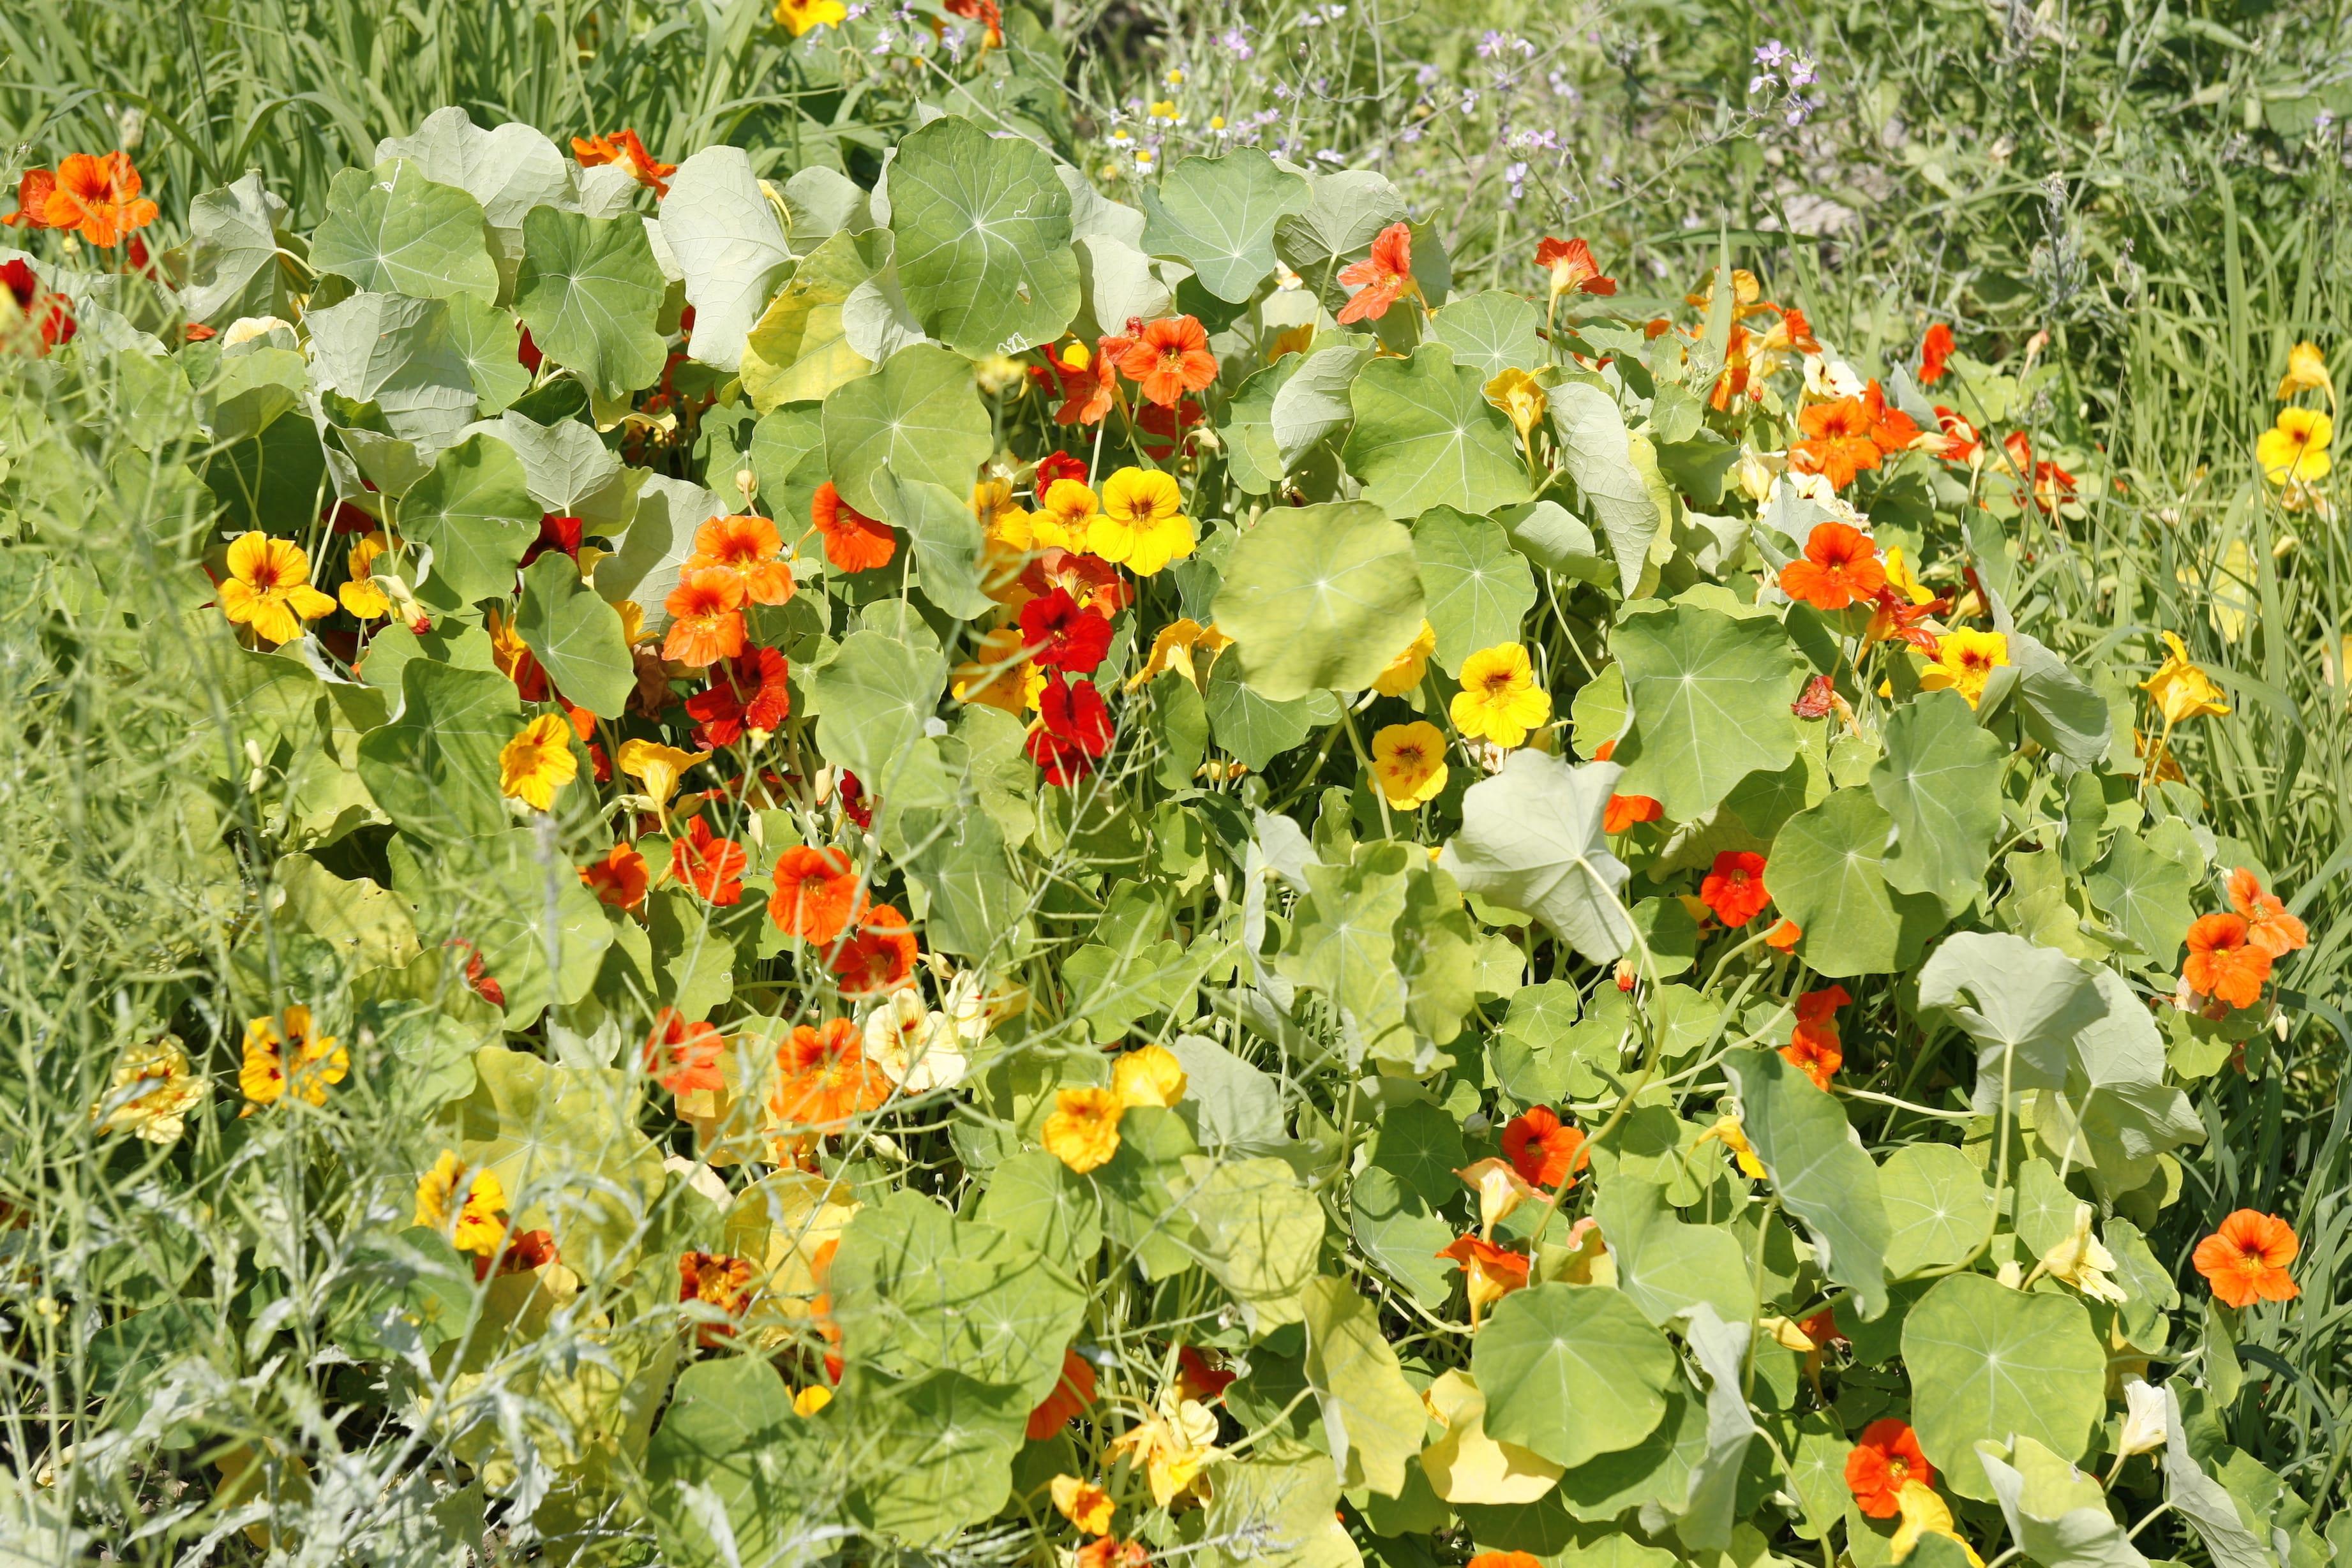 05_佐渡の畑で咲いていた植物